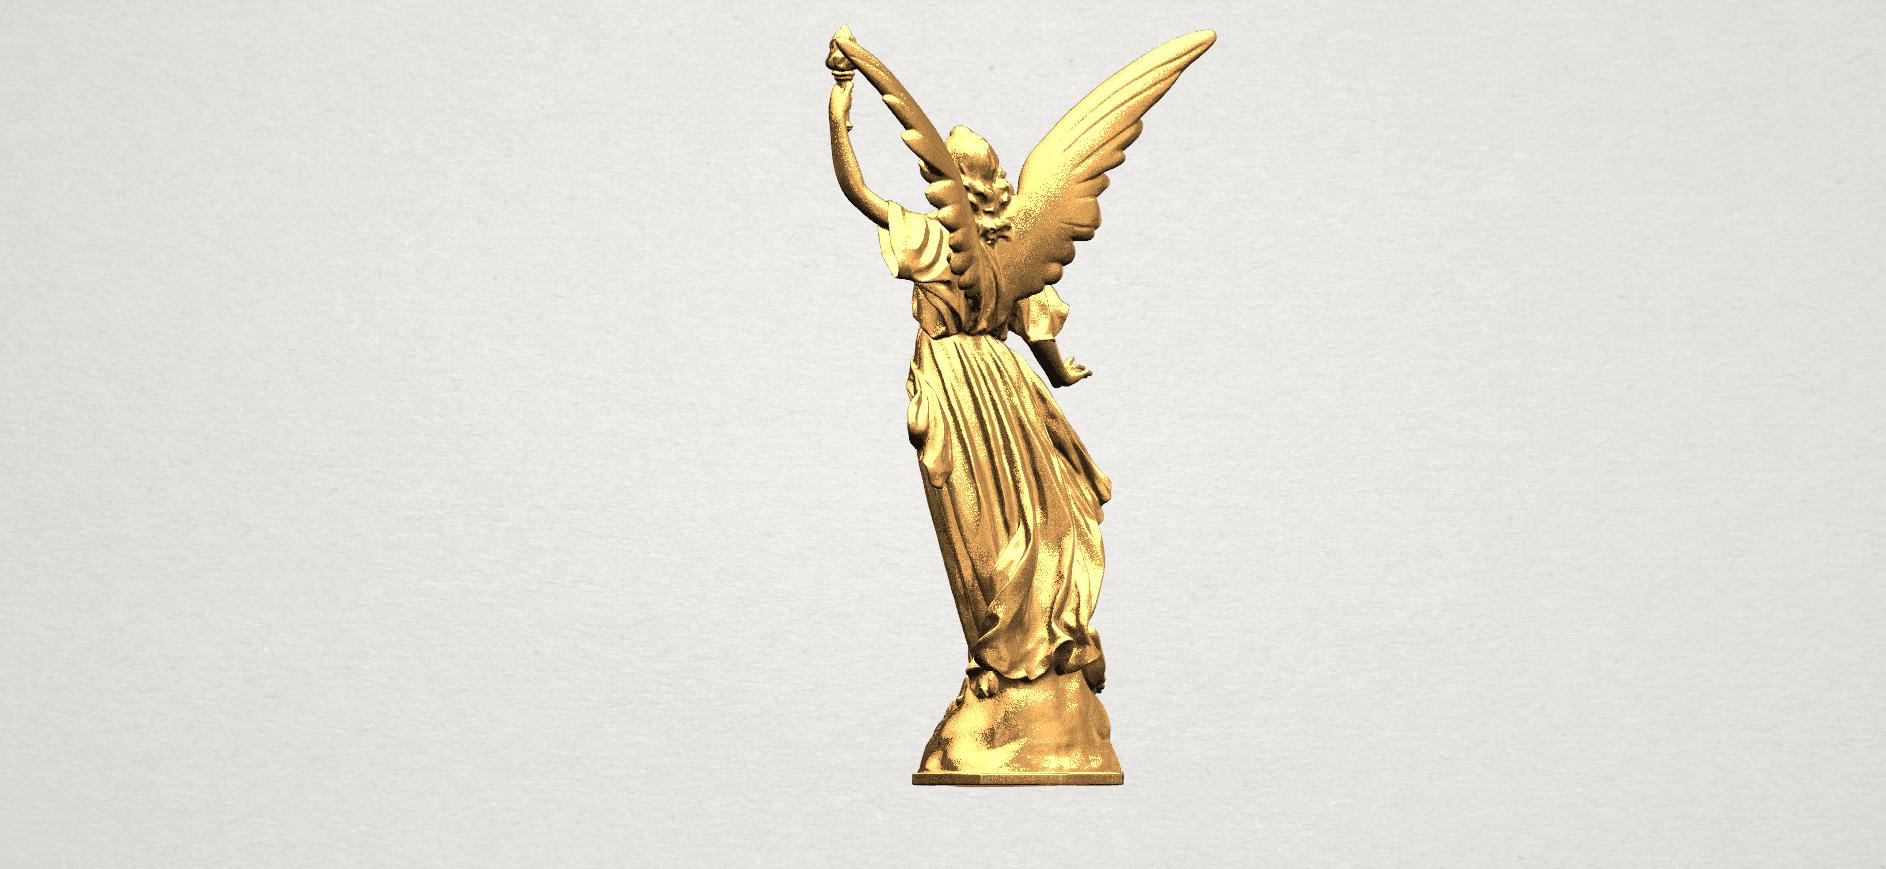 Statue 01 - A04.png Télécharger fichier STL gratuit Statue 01 • Design à imprimer en 3D, GeorgesNikkei